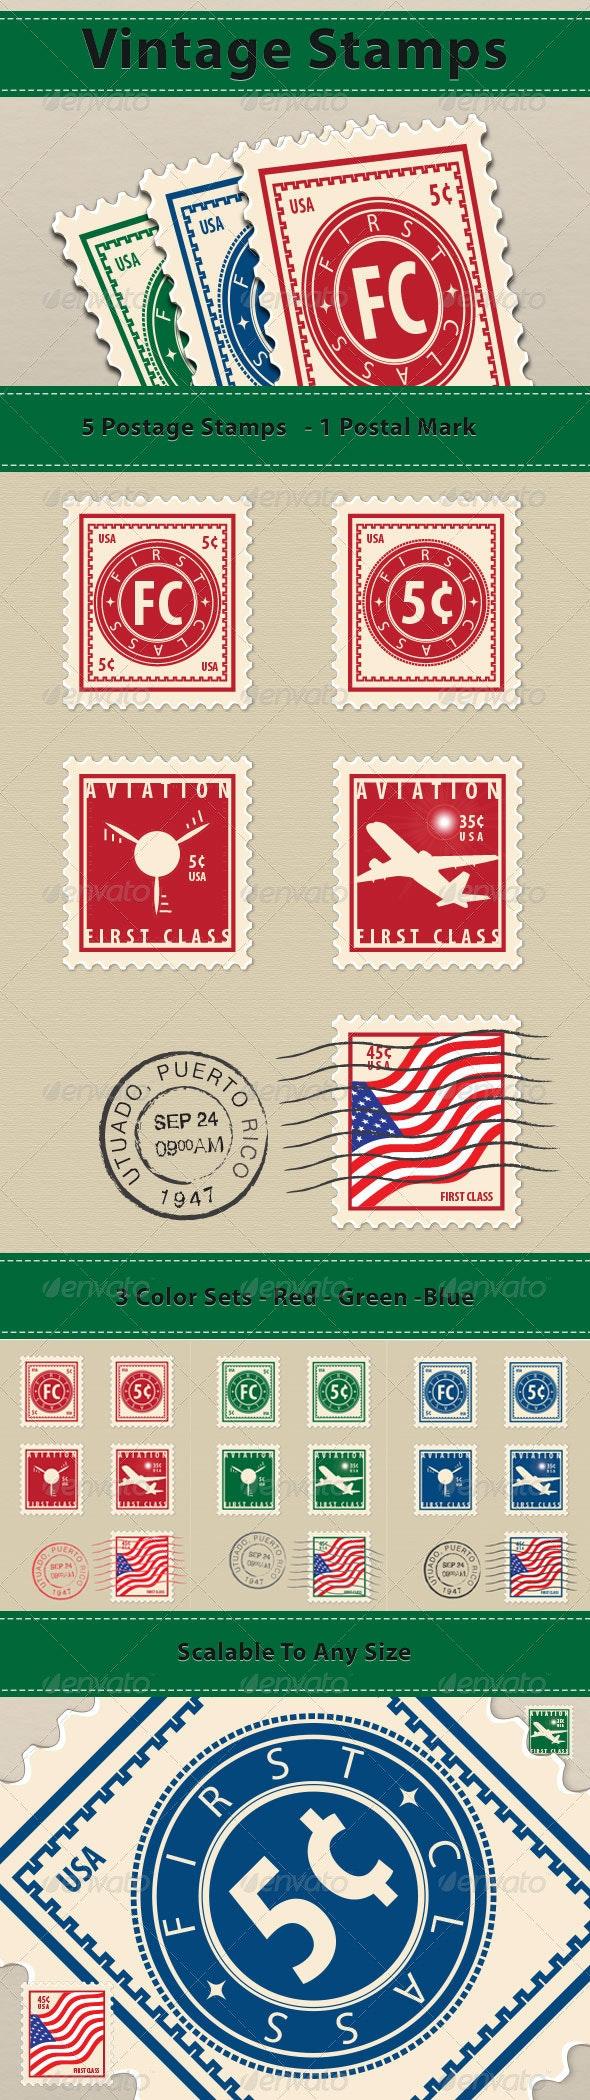 Vintage Stamps - Decorative Vectors